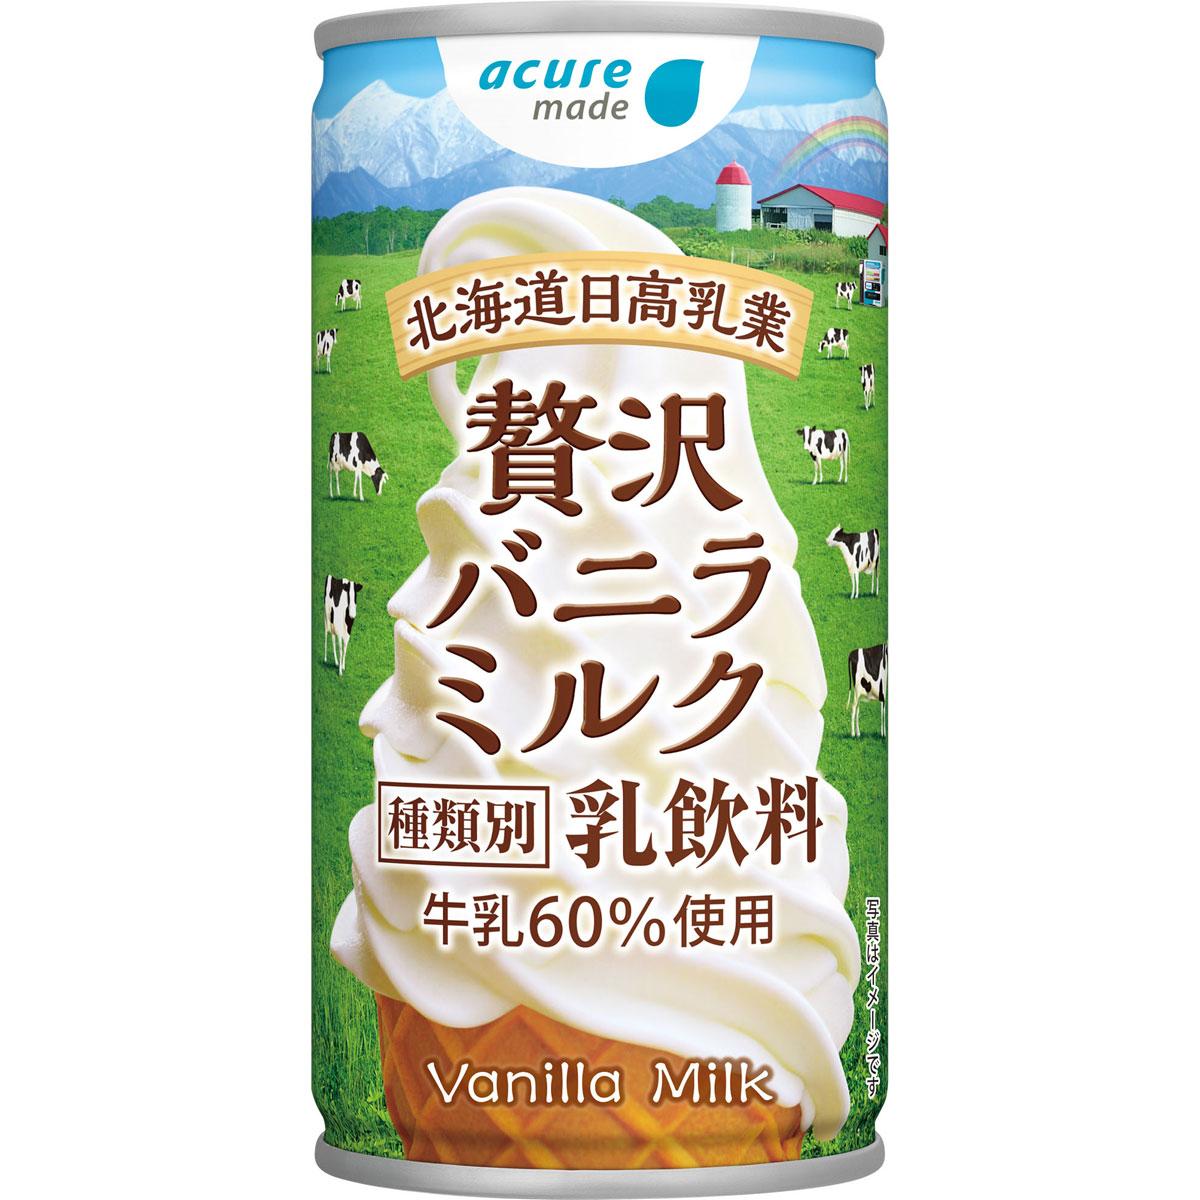 JR東エキナカの飲むソフトクリーム 「贅沢バニラミルク」が2021年も販売